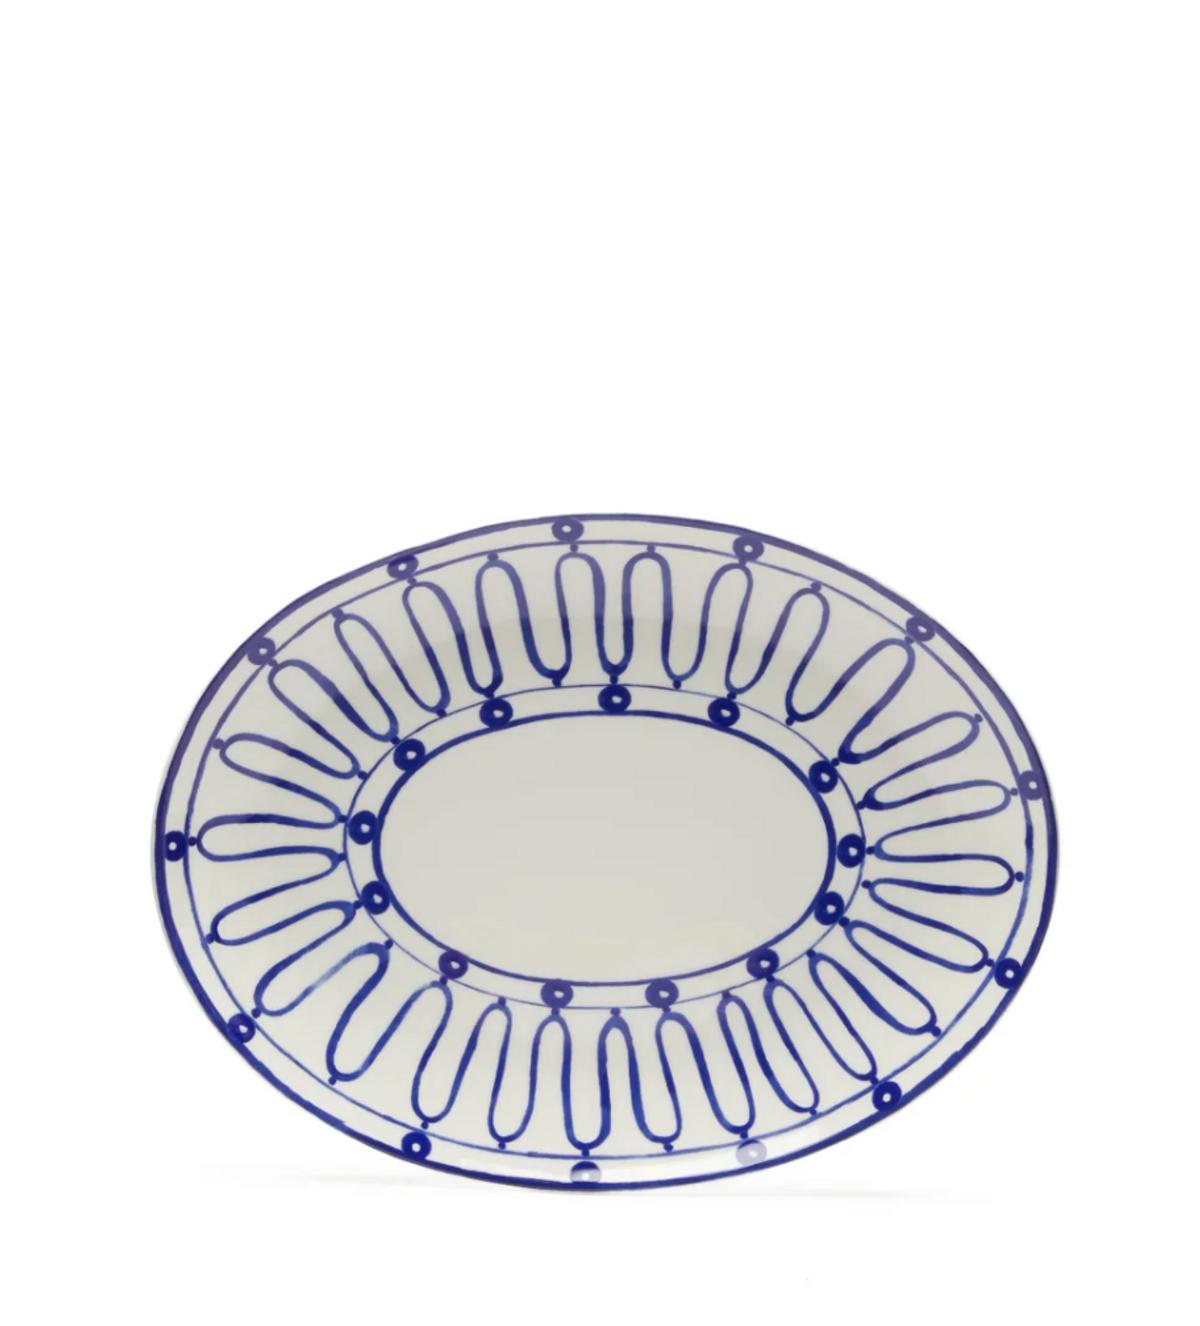 Kyma Porcelain Serving Platter